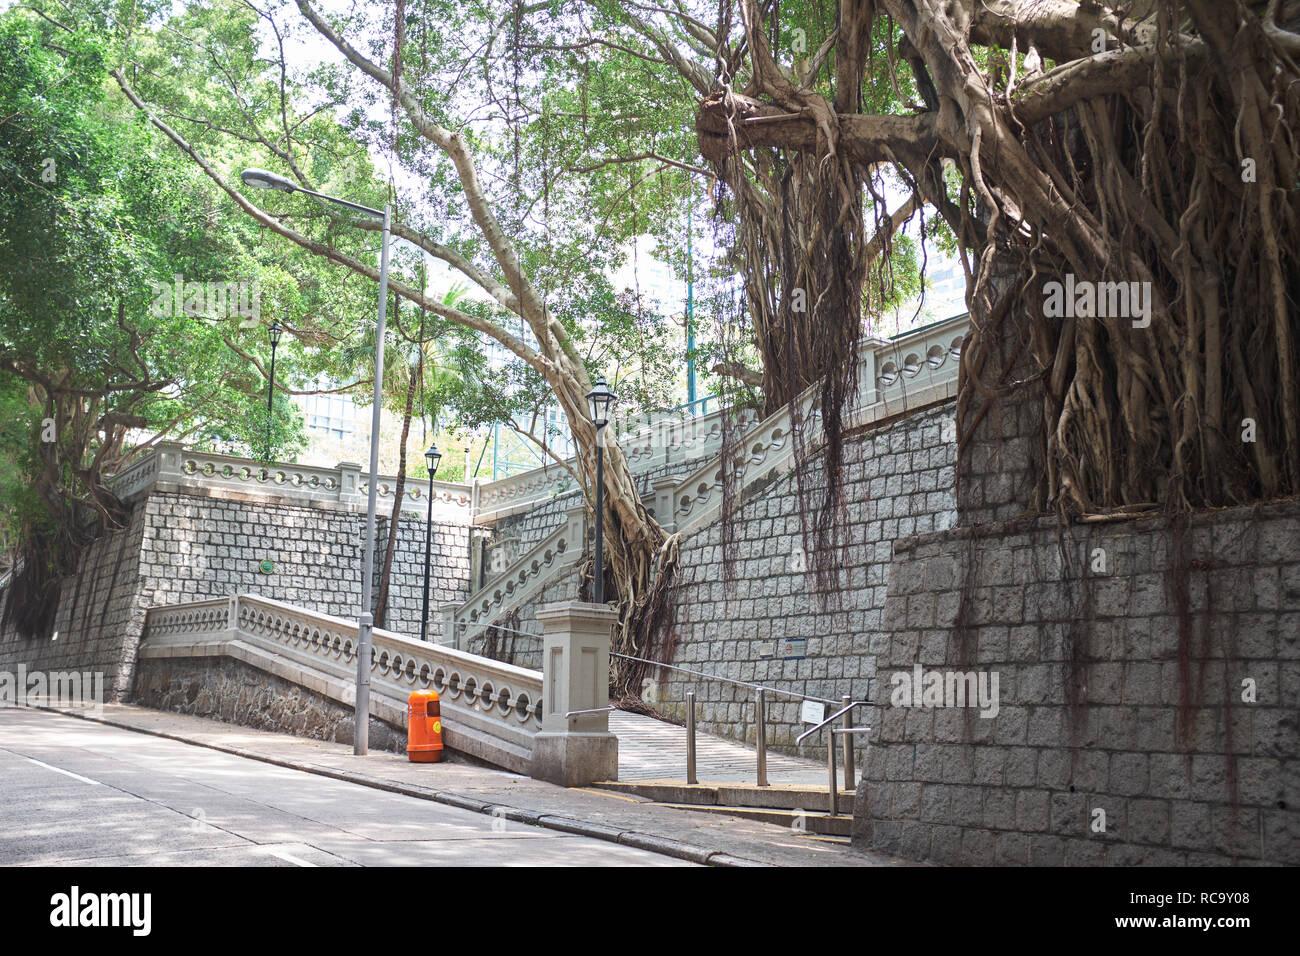 Hong Kong Park - Stock Image